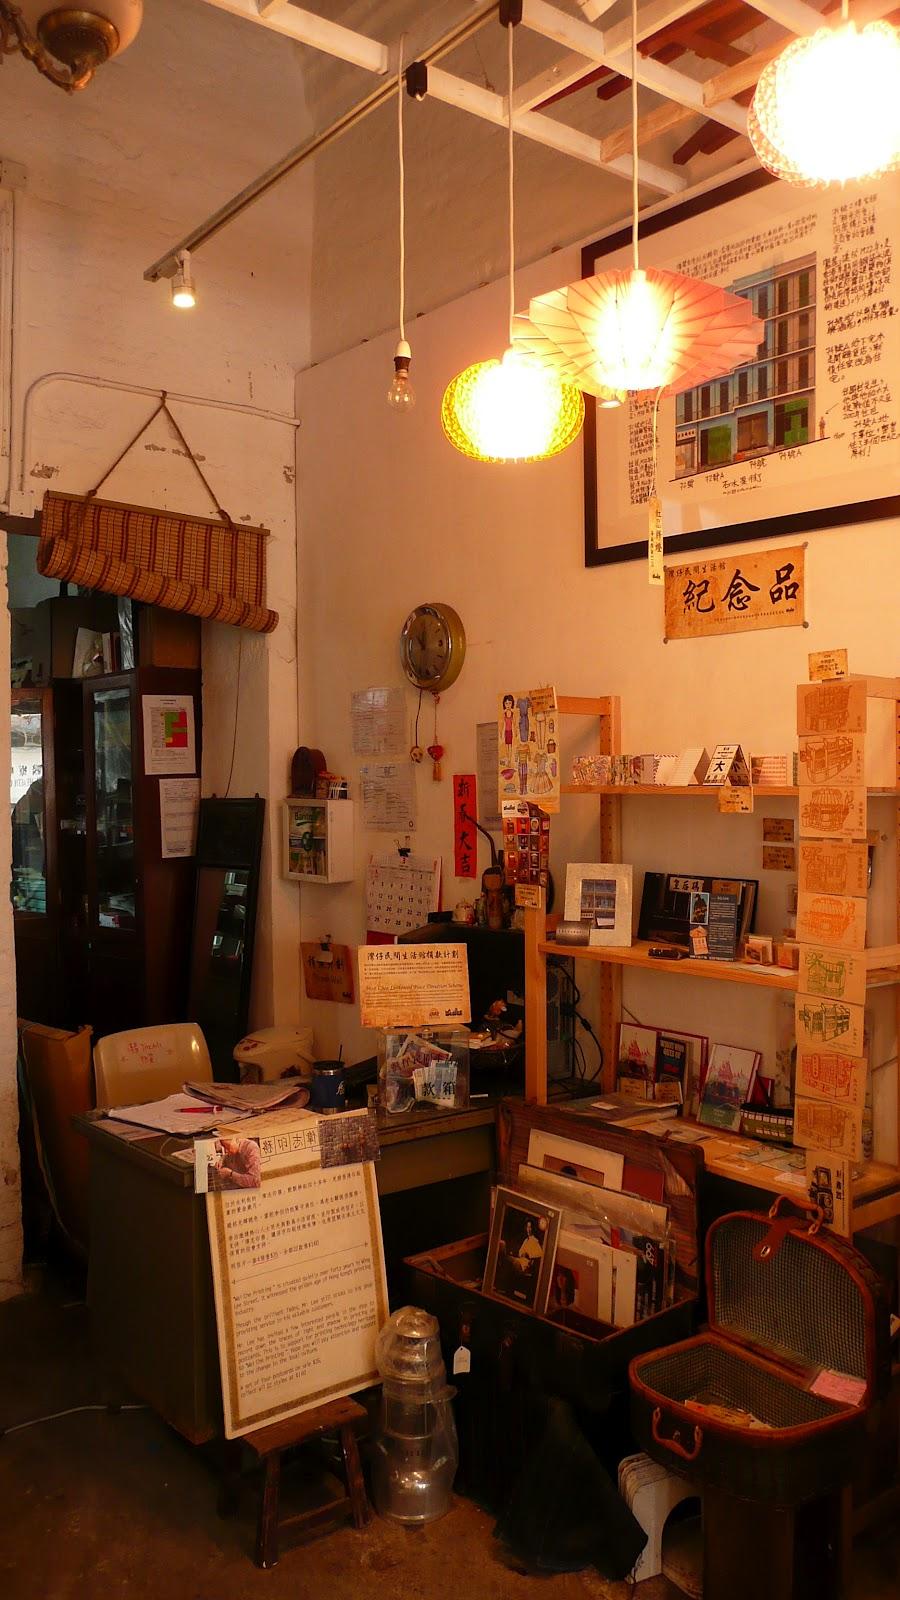 blue-house-hong-kong.1.1 Credit: hong kong 1 day itinerary blog.